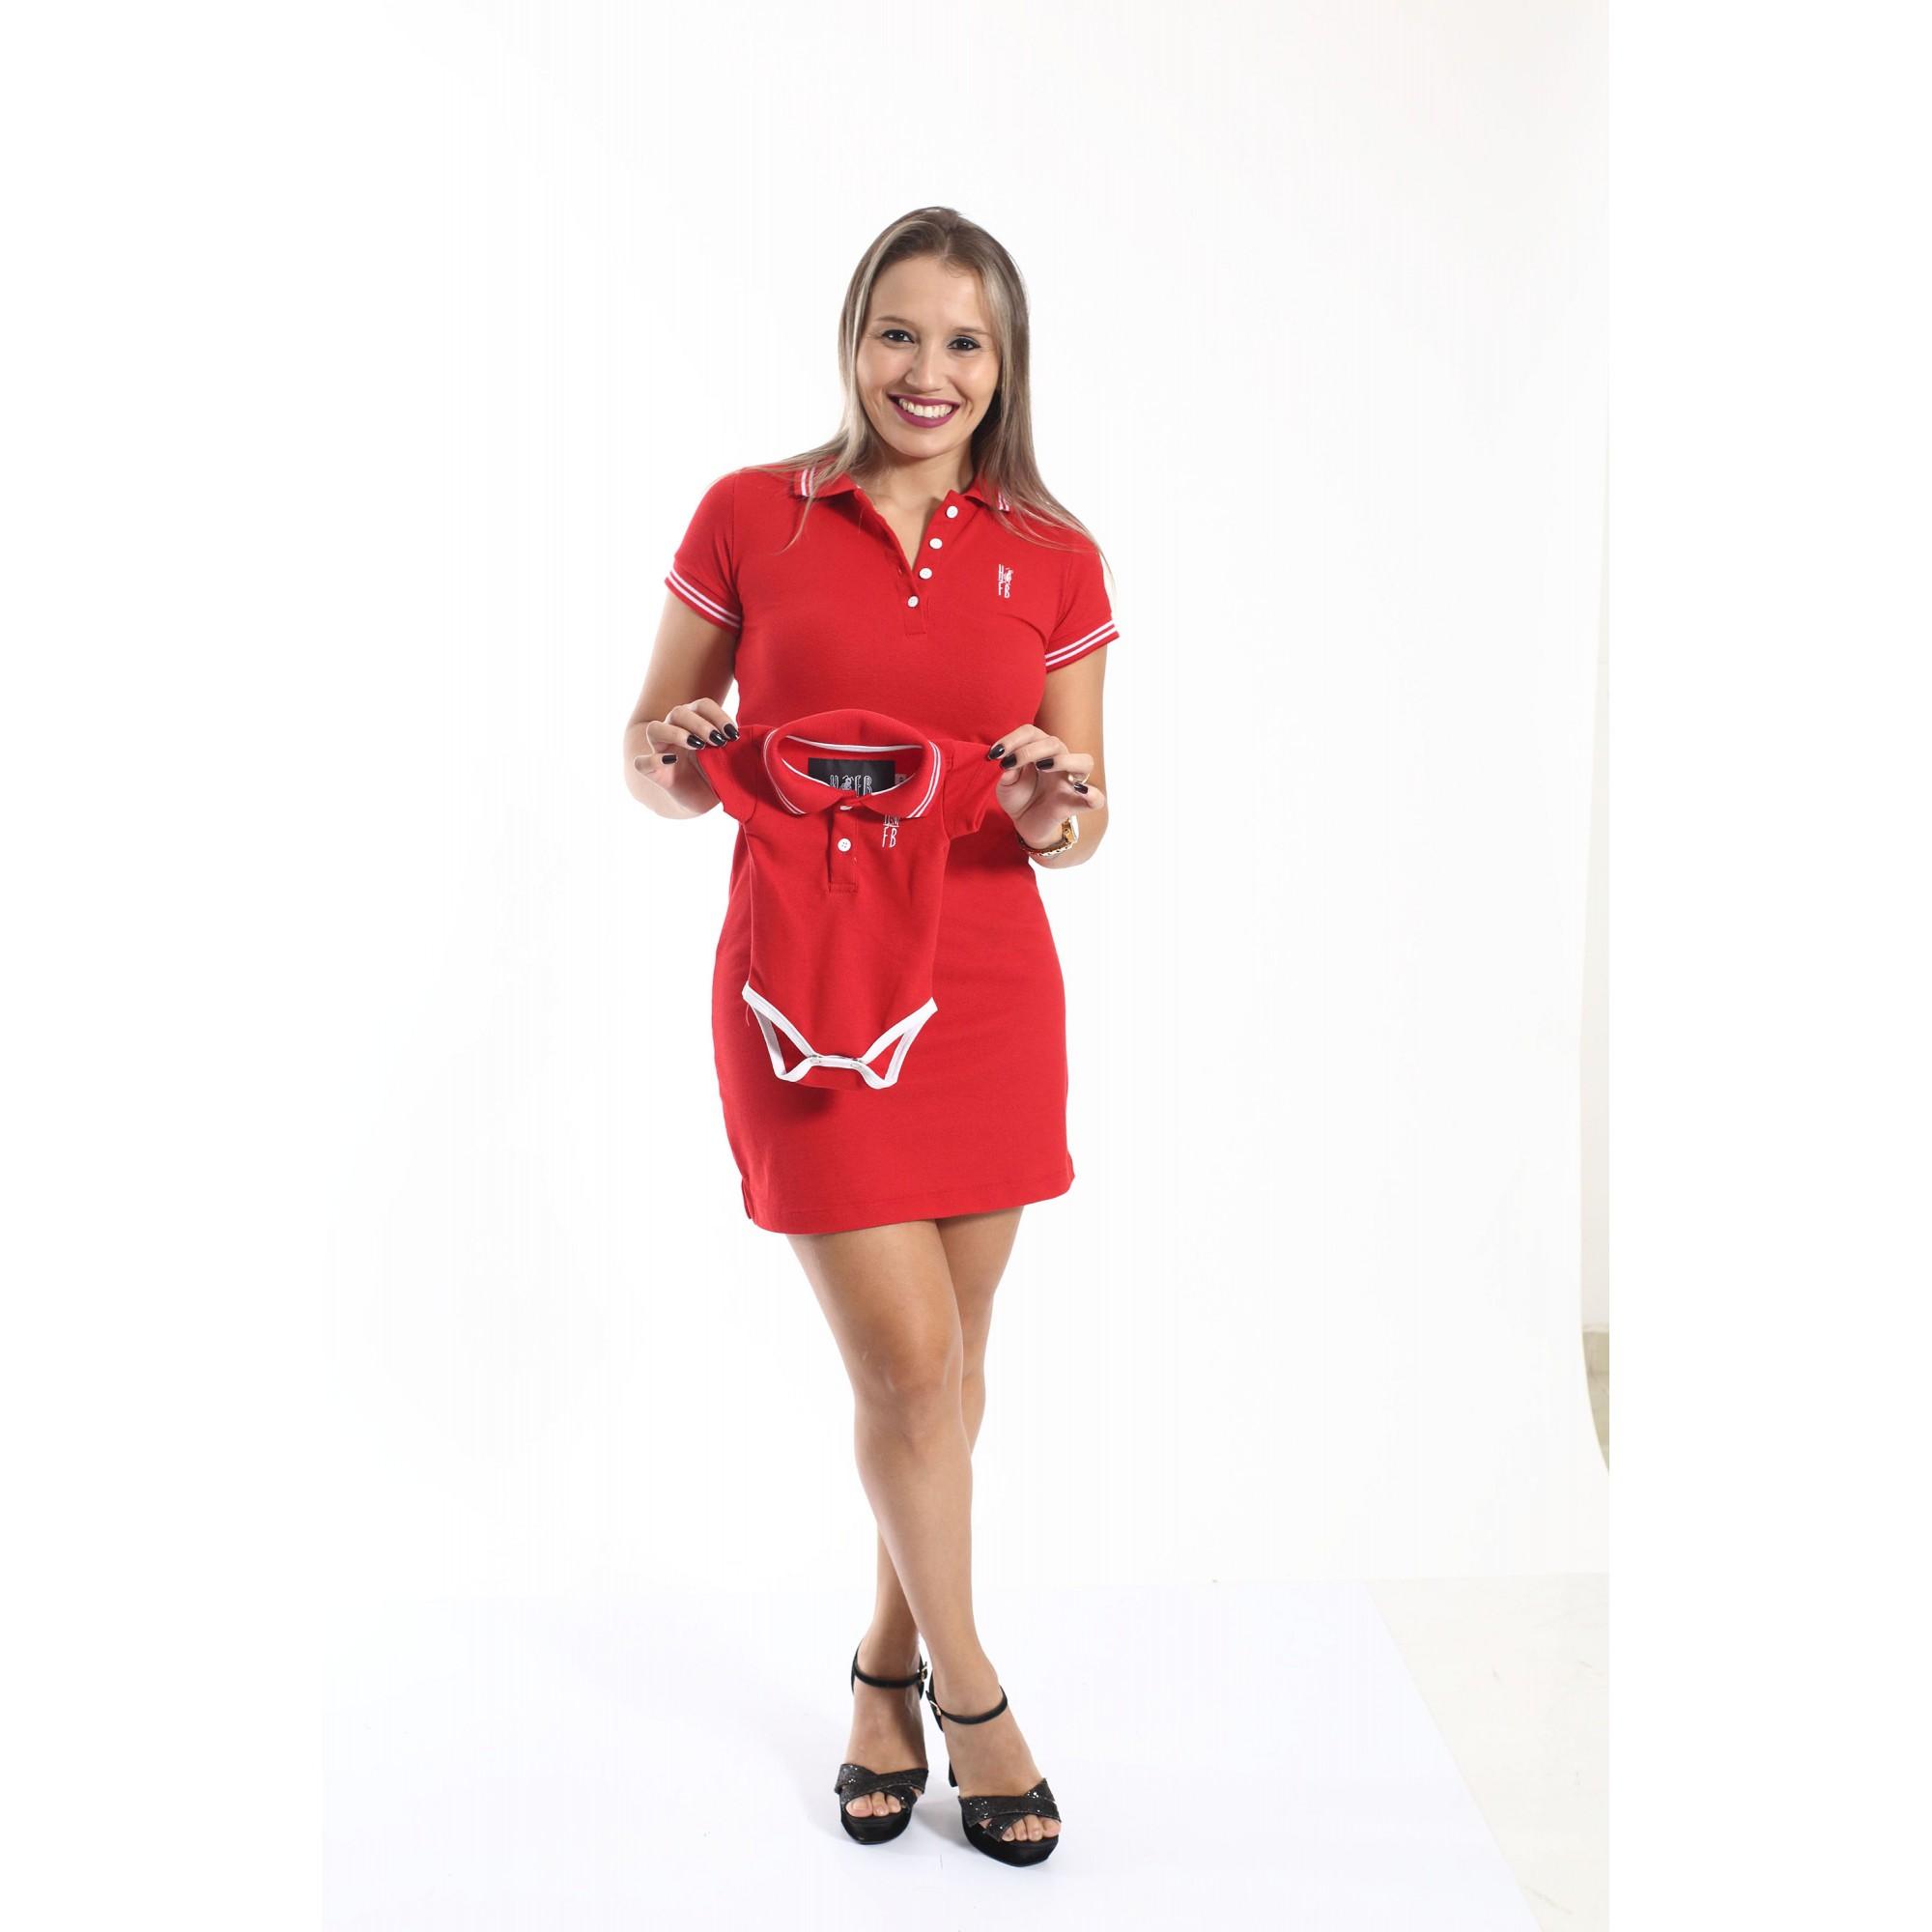 MÃE E FILHO > Kit 02 peças Vestido + Body Unissex Polo - Vermelho Paixão [Coleção Tal Mãe Tal Filho]